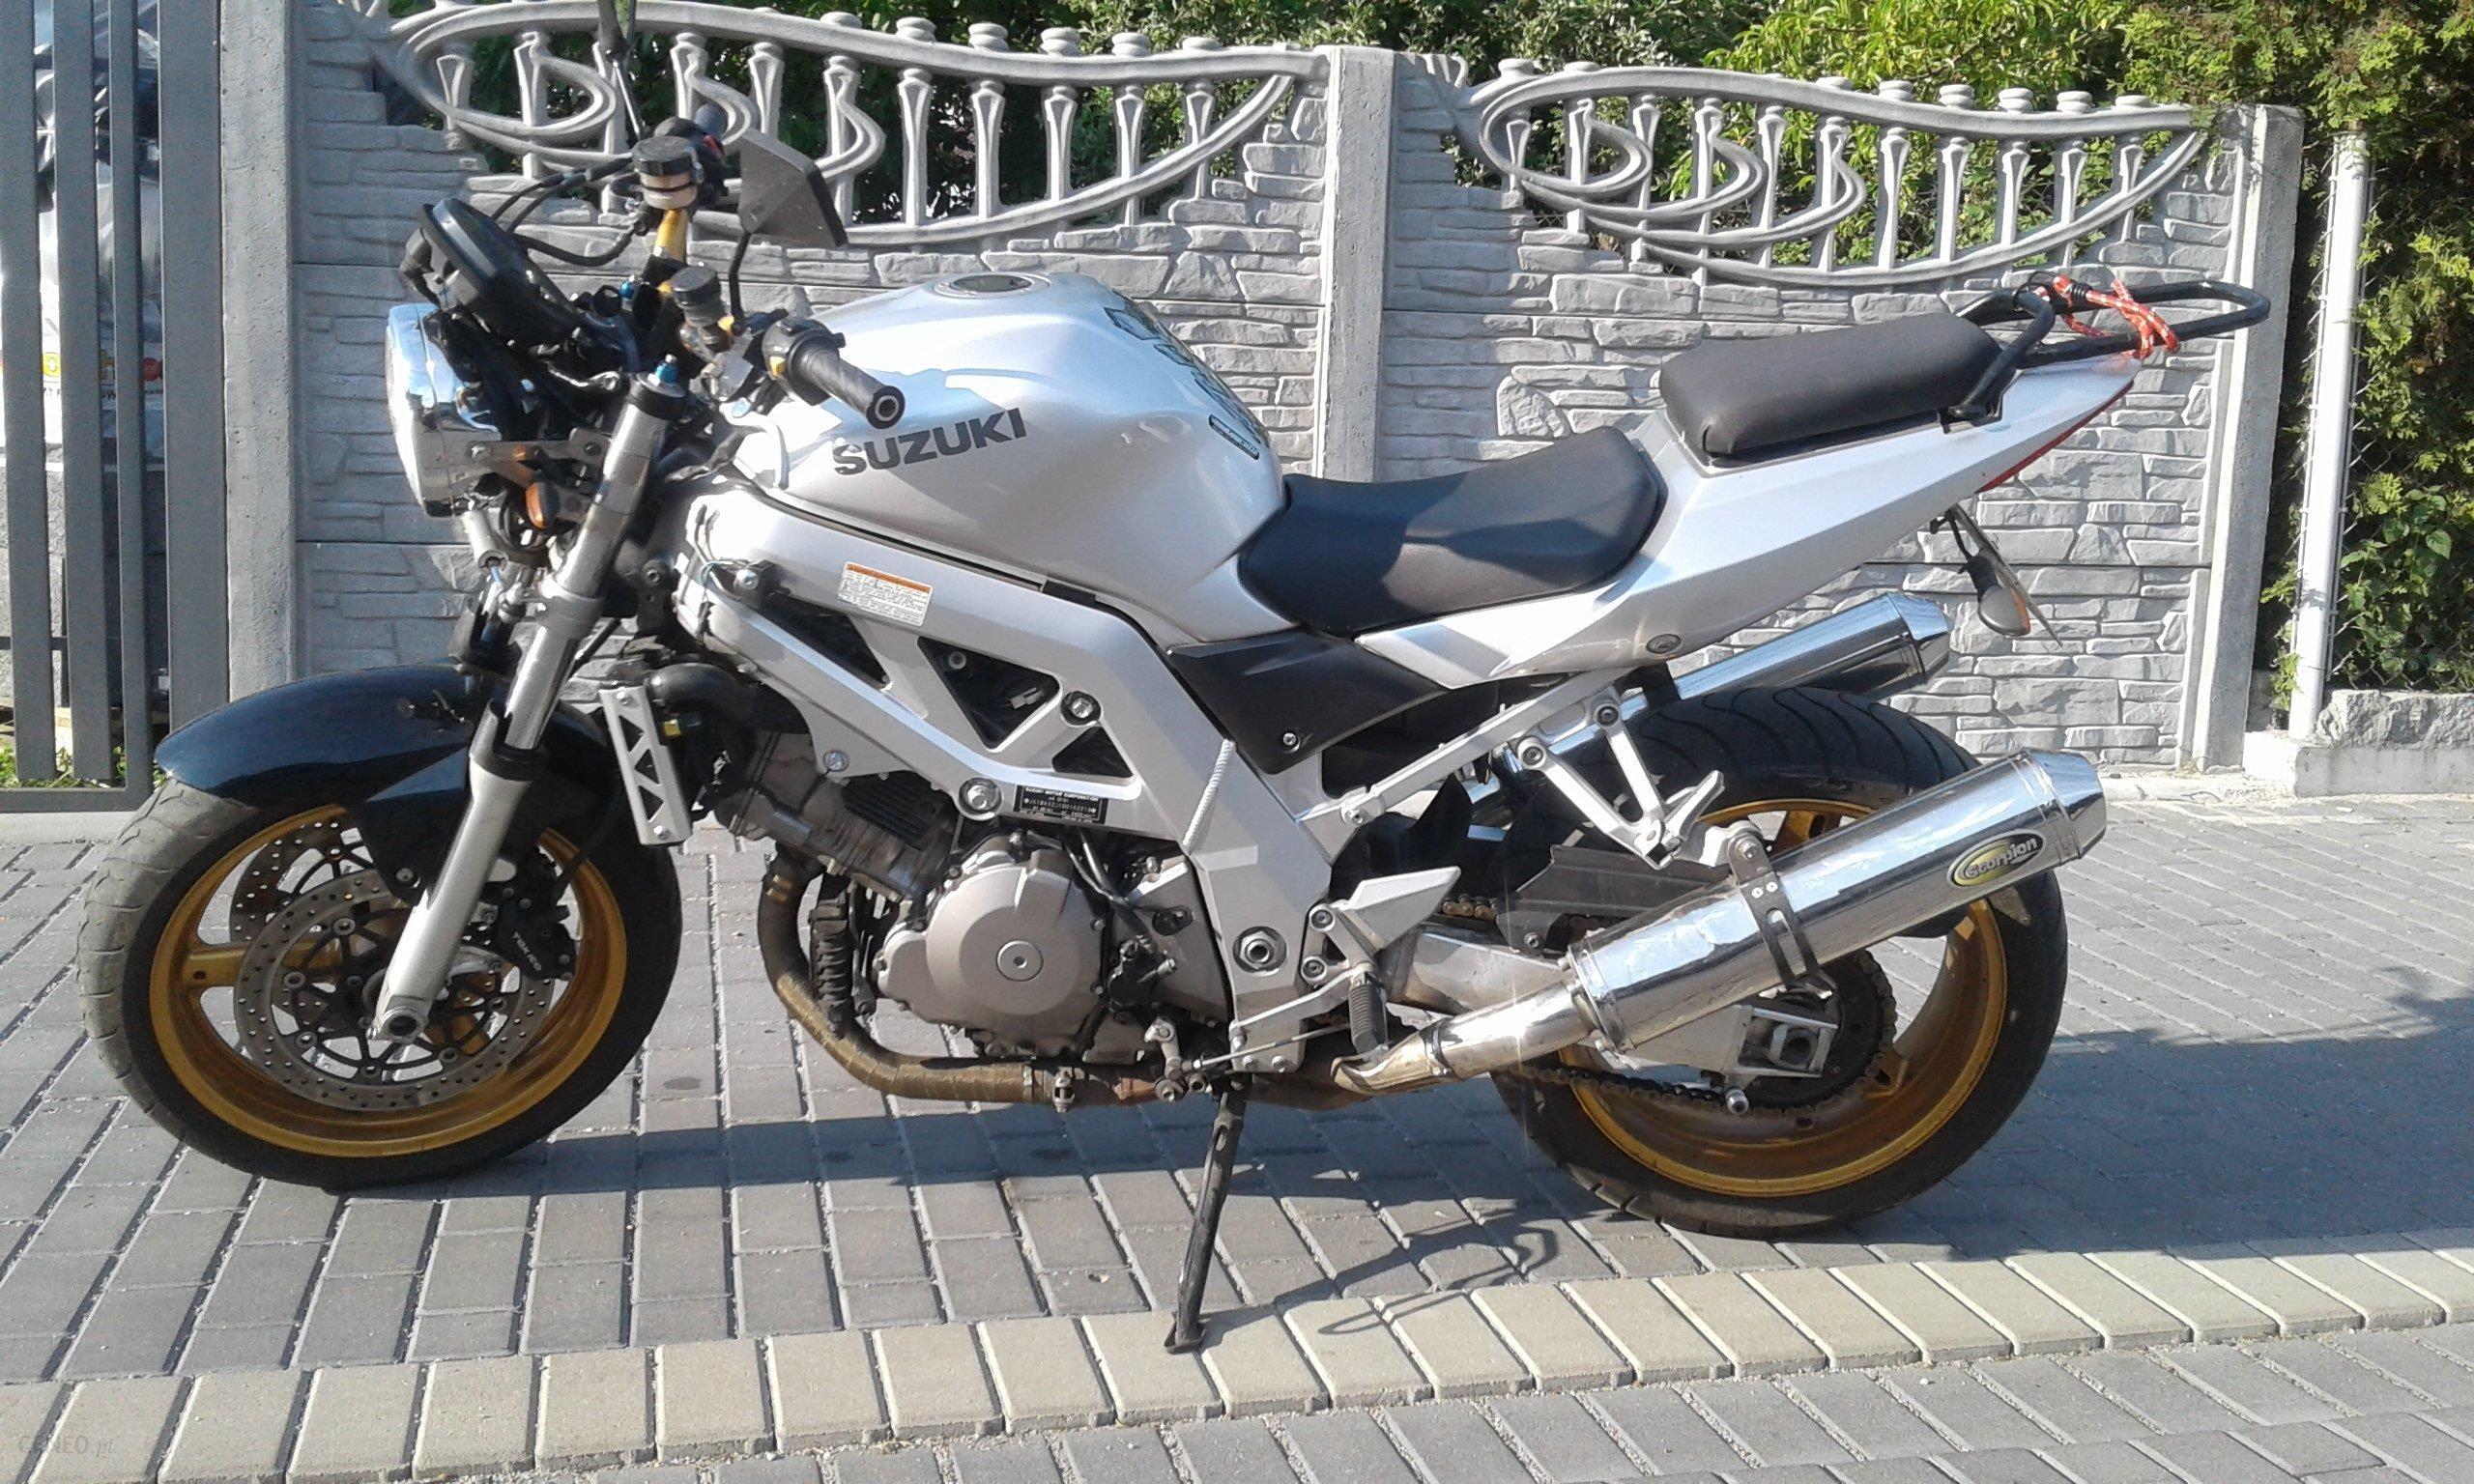 Suzuki Sv 1000 Opinie I Ceny Na Ceneo Pl